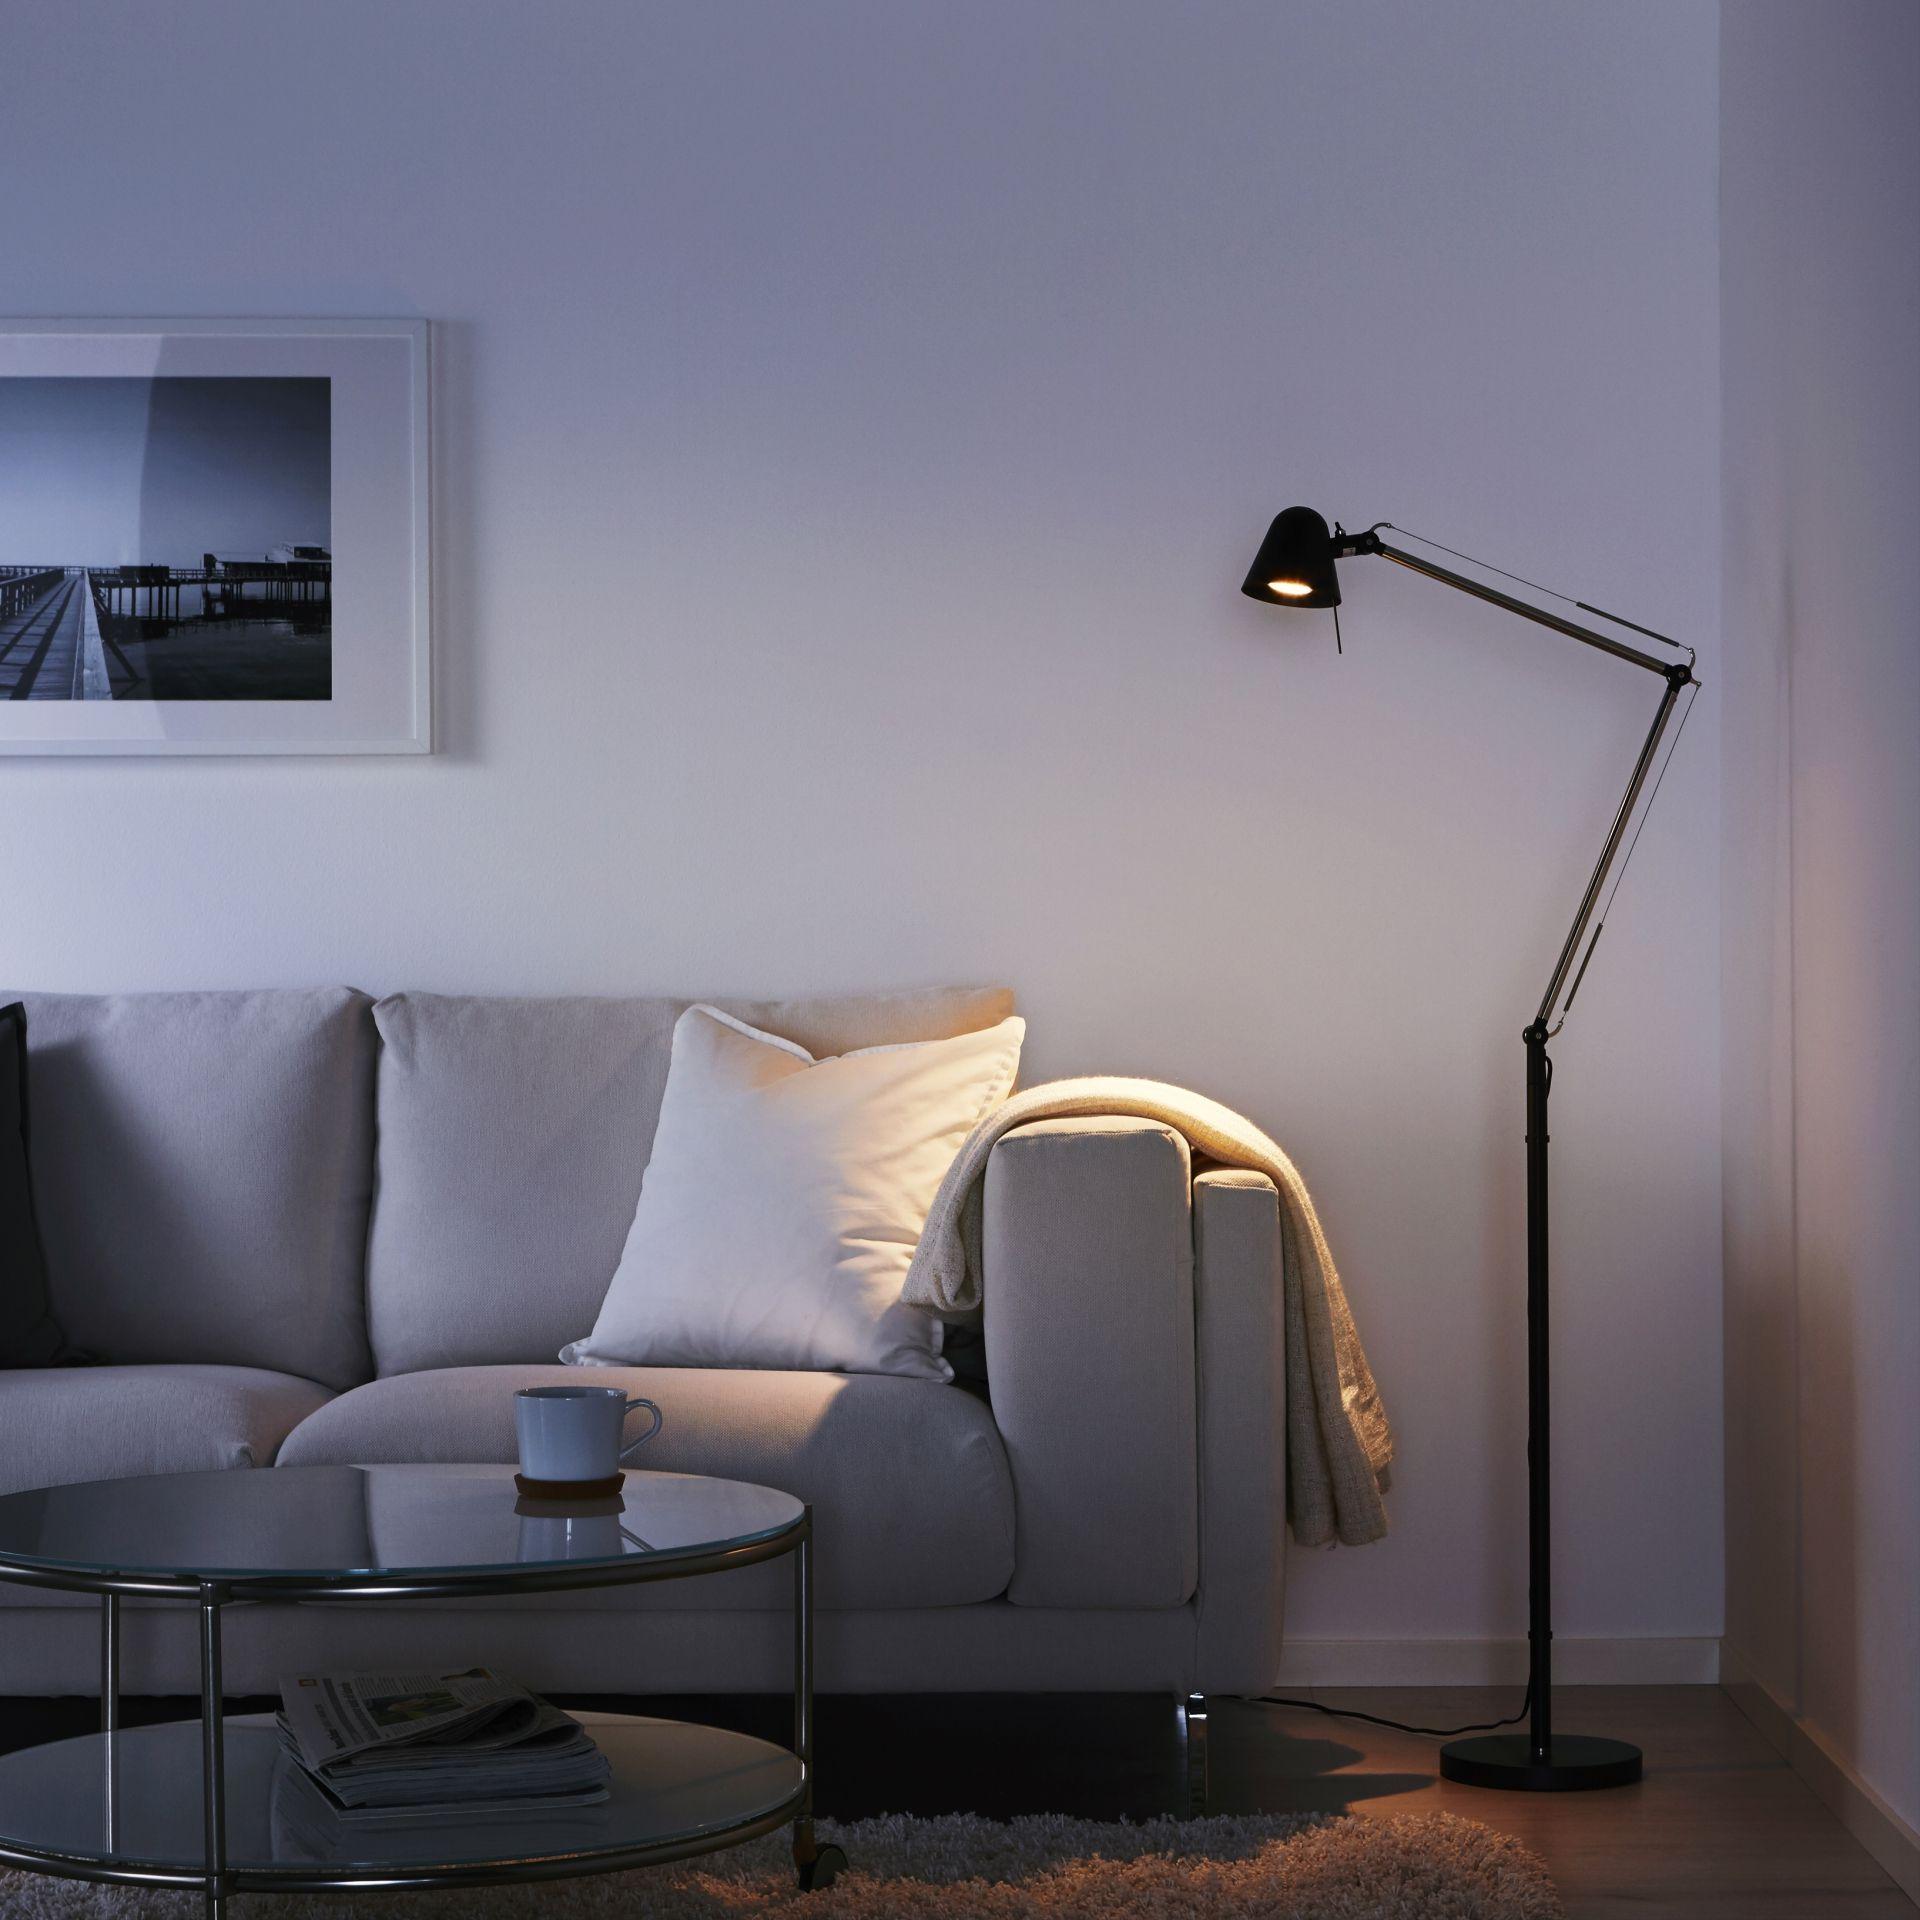 uppbo staandeleeslamp ikea ikeanl ikeanederland designdroom inspiratie wooninspiratie interieur wooninterieur kamer woonkamer werkplek werkplekken